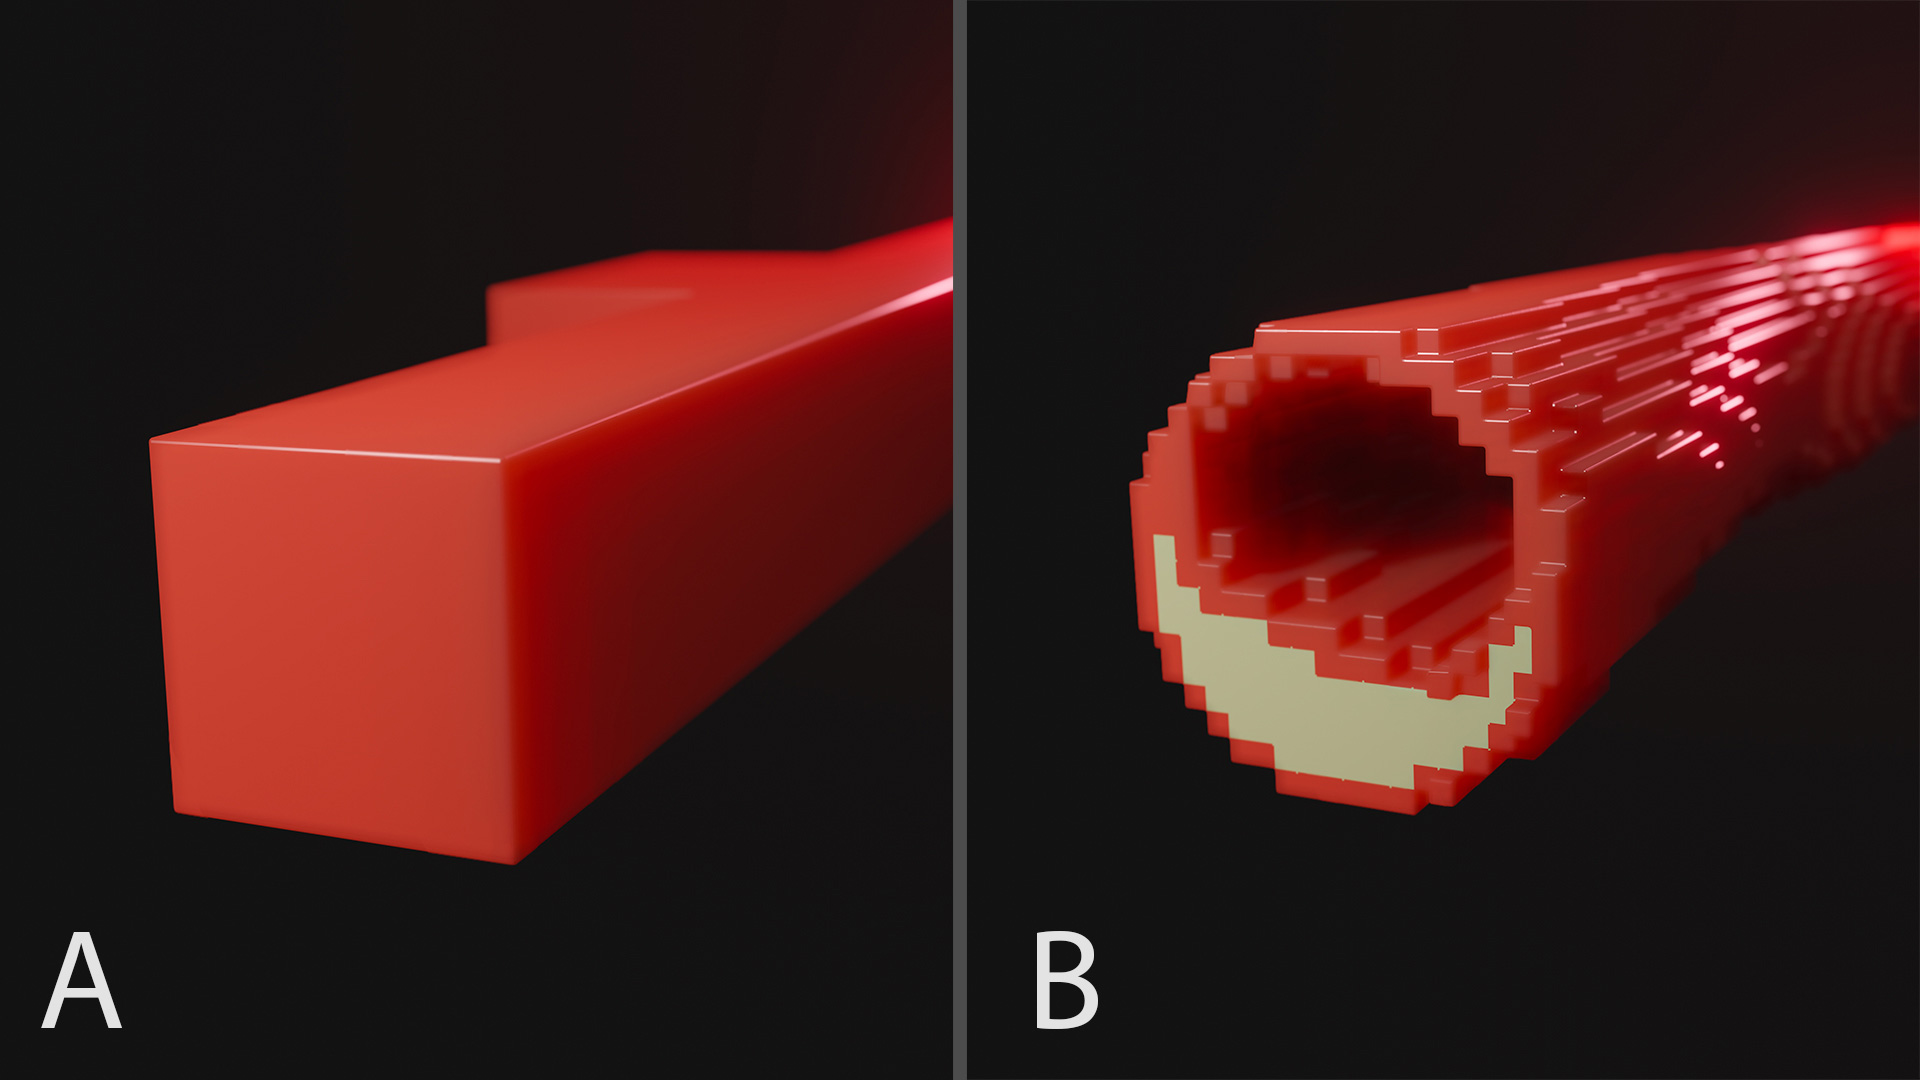 pet-scan_AB-comparaison